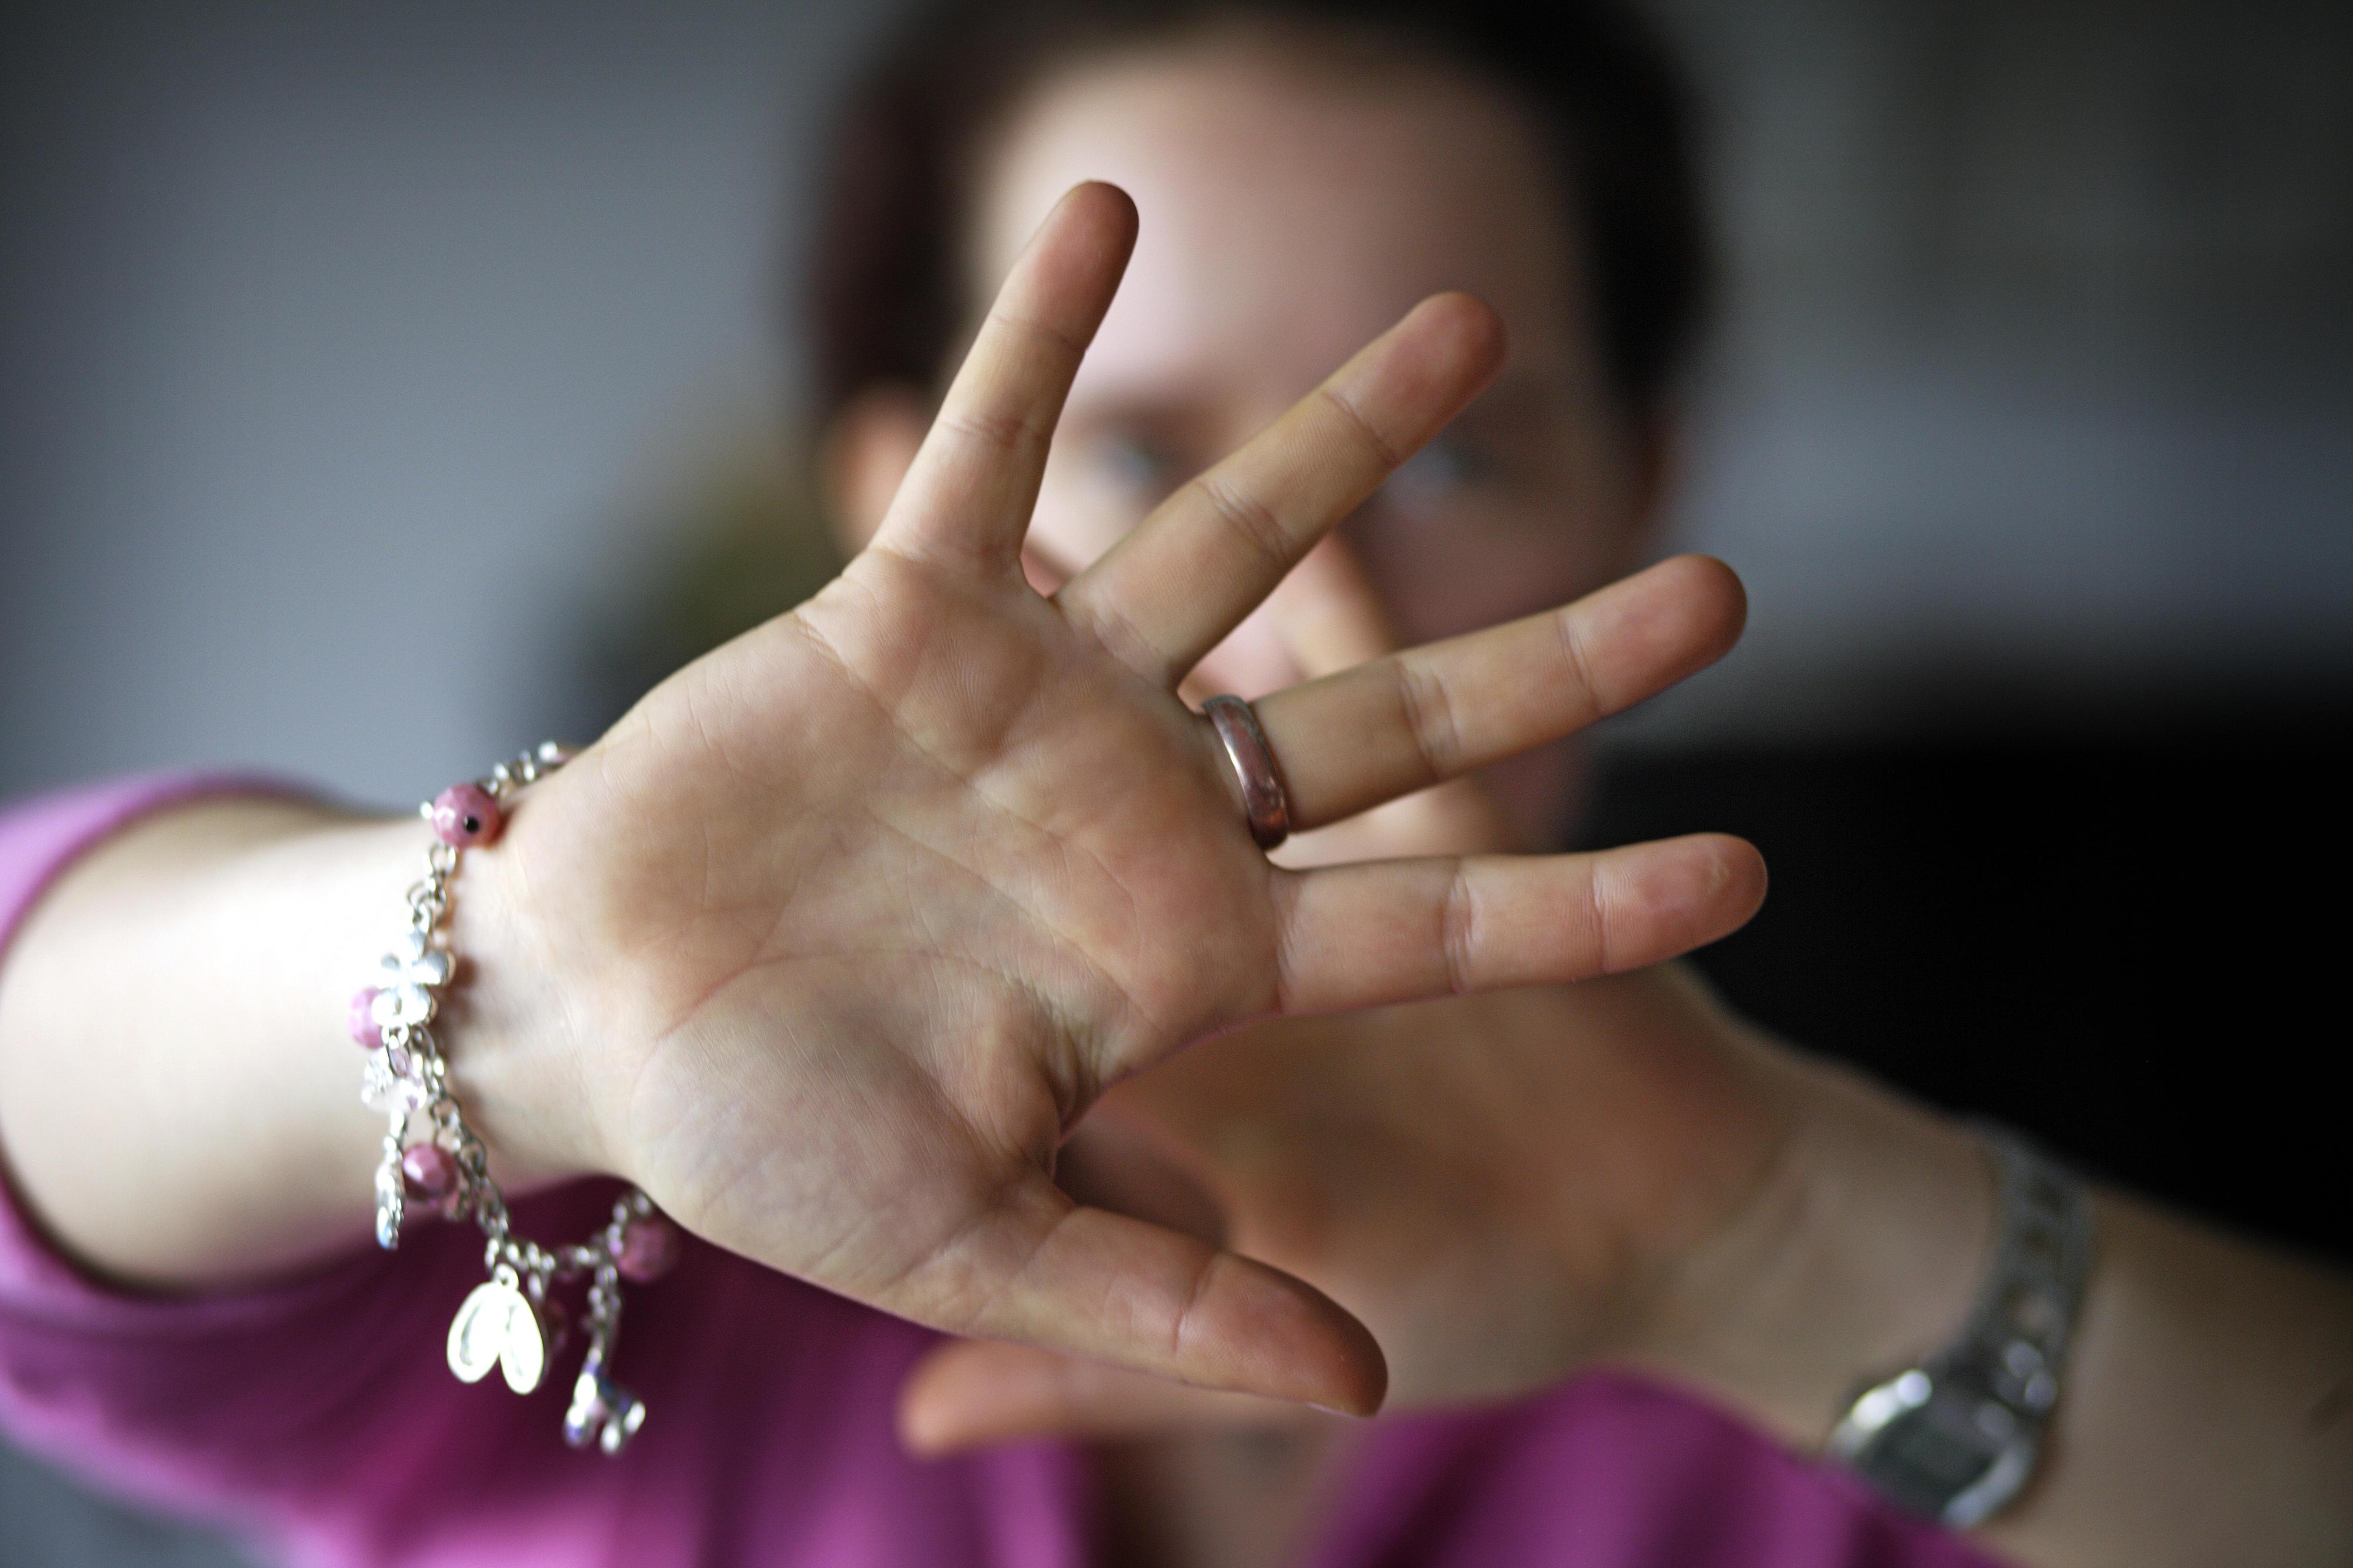 Symbolfoto: Eine Frau hält abwehrend ihre Hände vor ihren Kopf um sich zu schützen